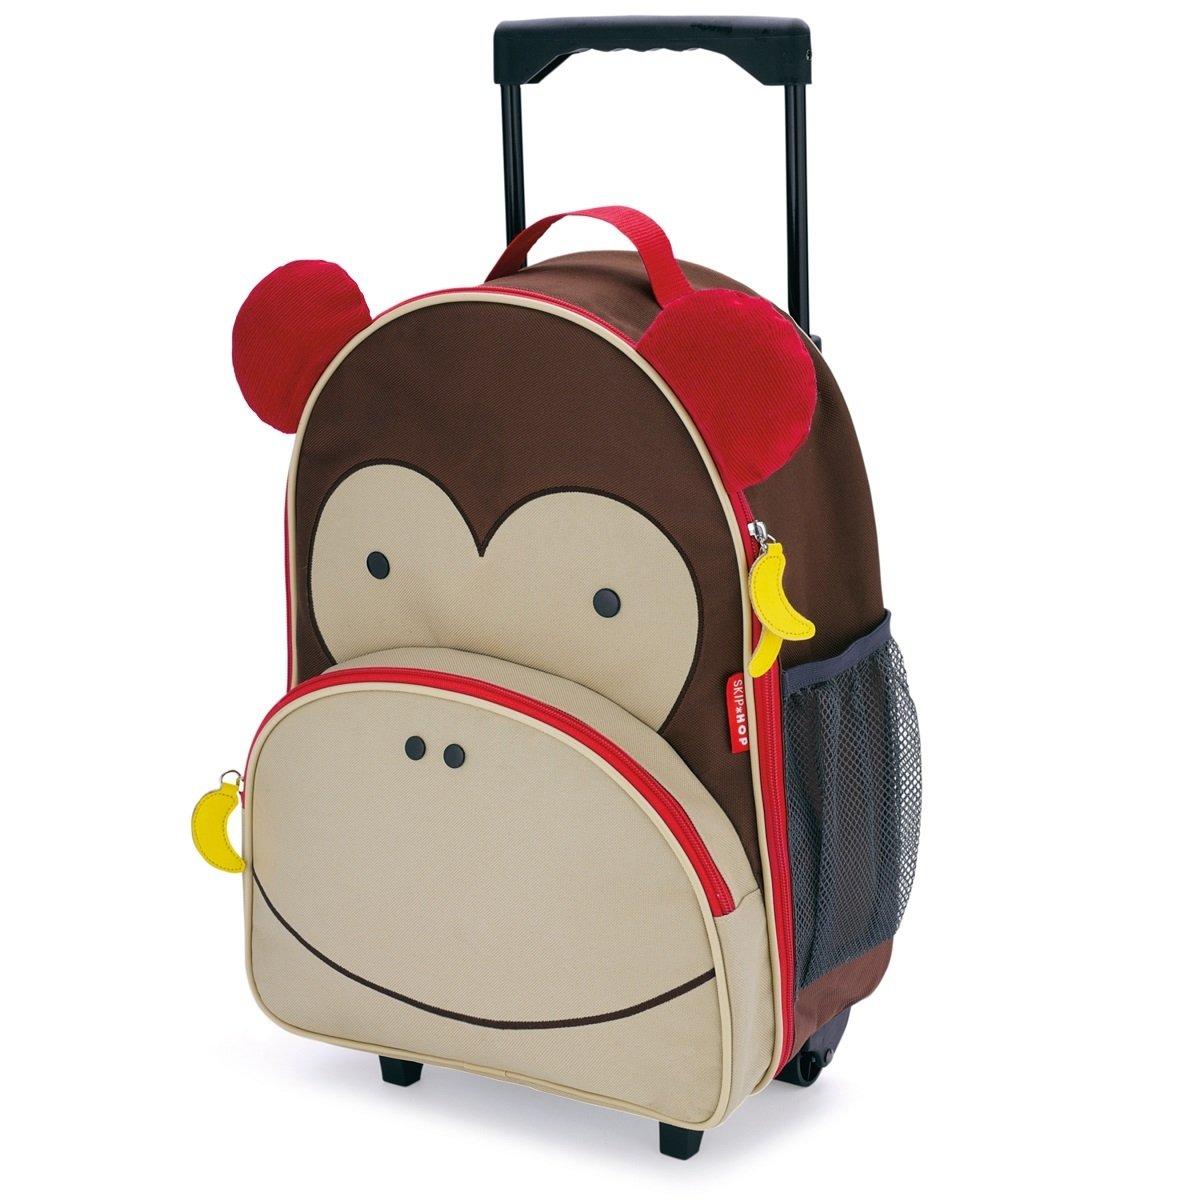 Zoo 可愛動物園小孩專用行李箱 - 猴子